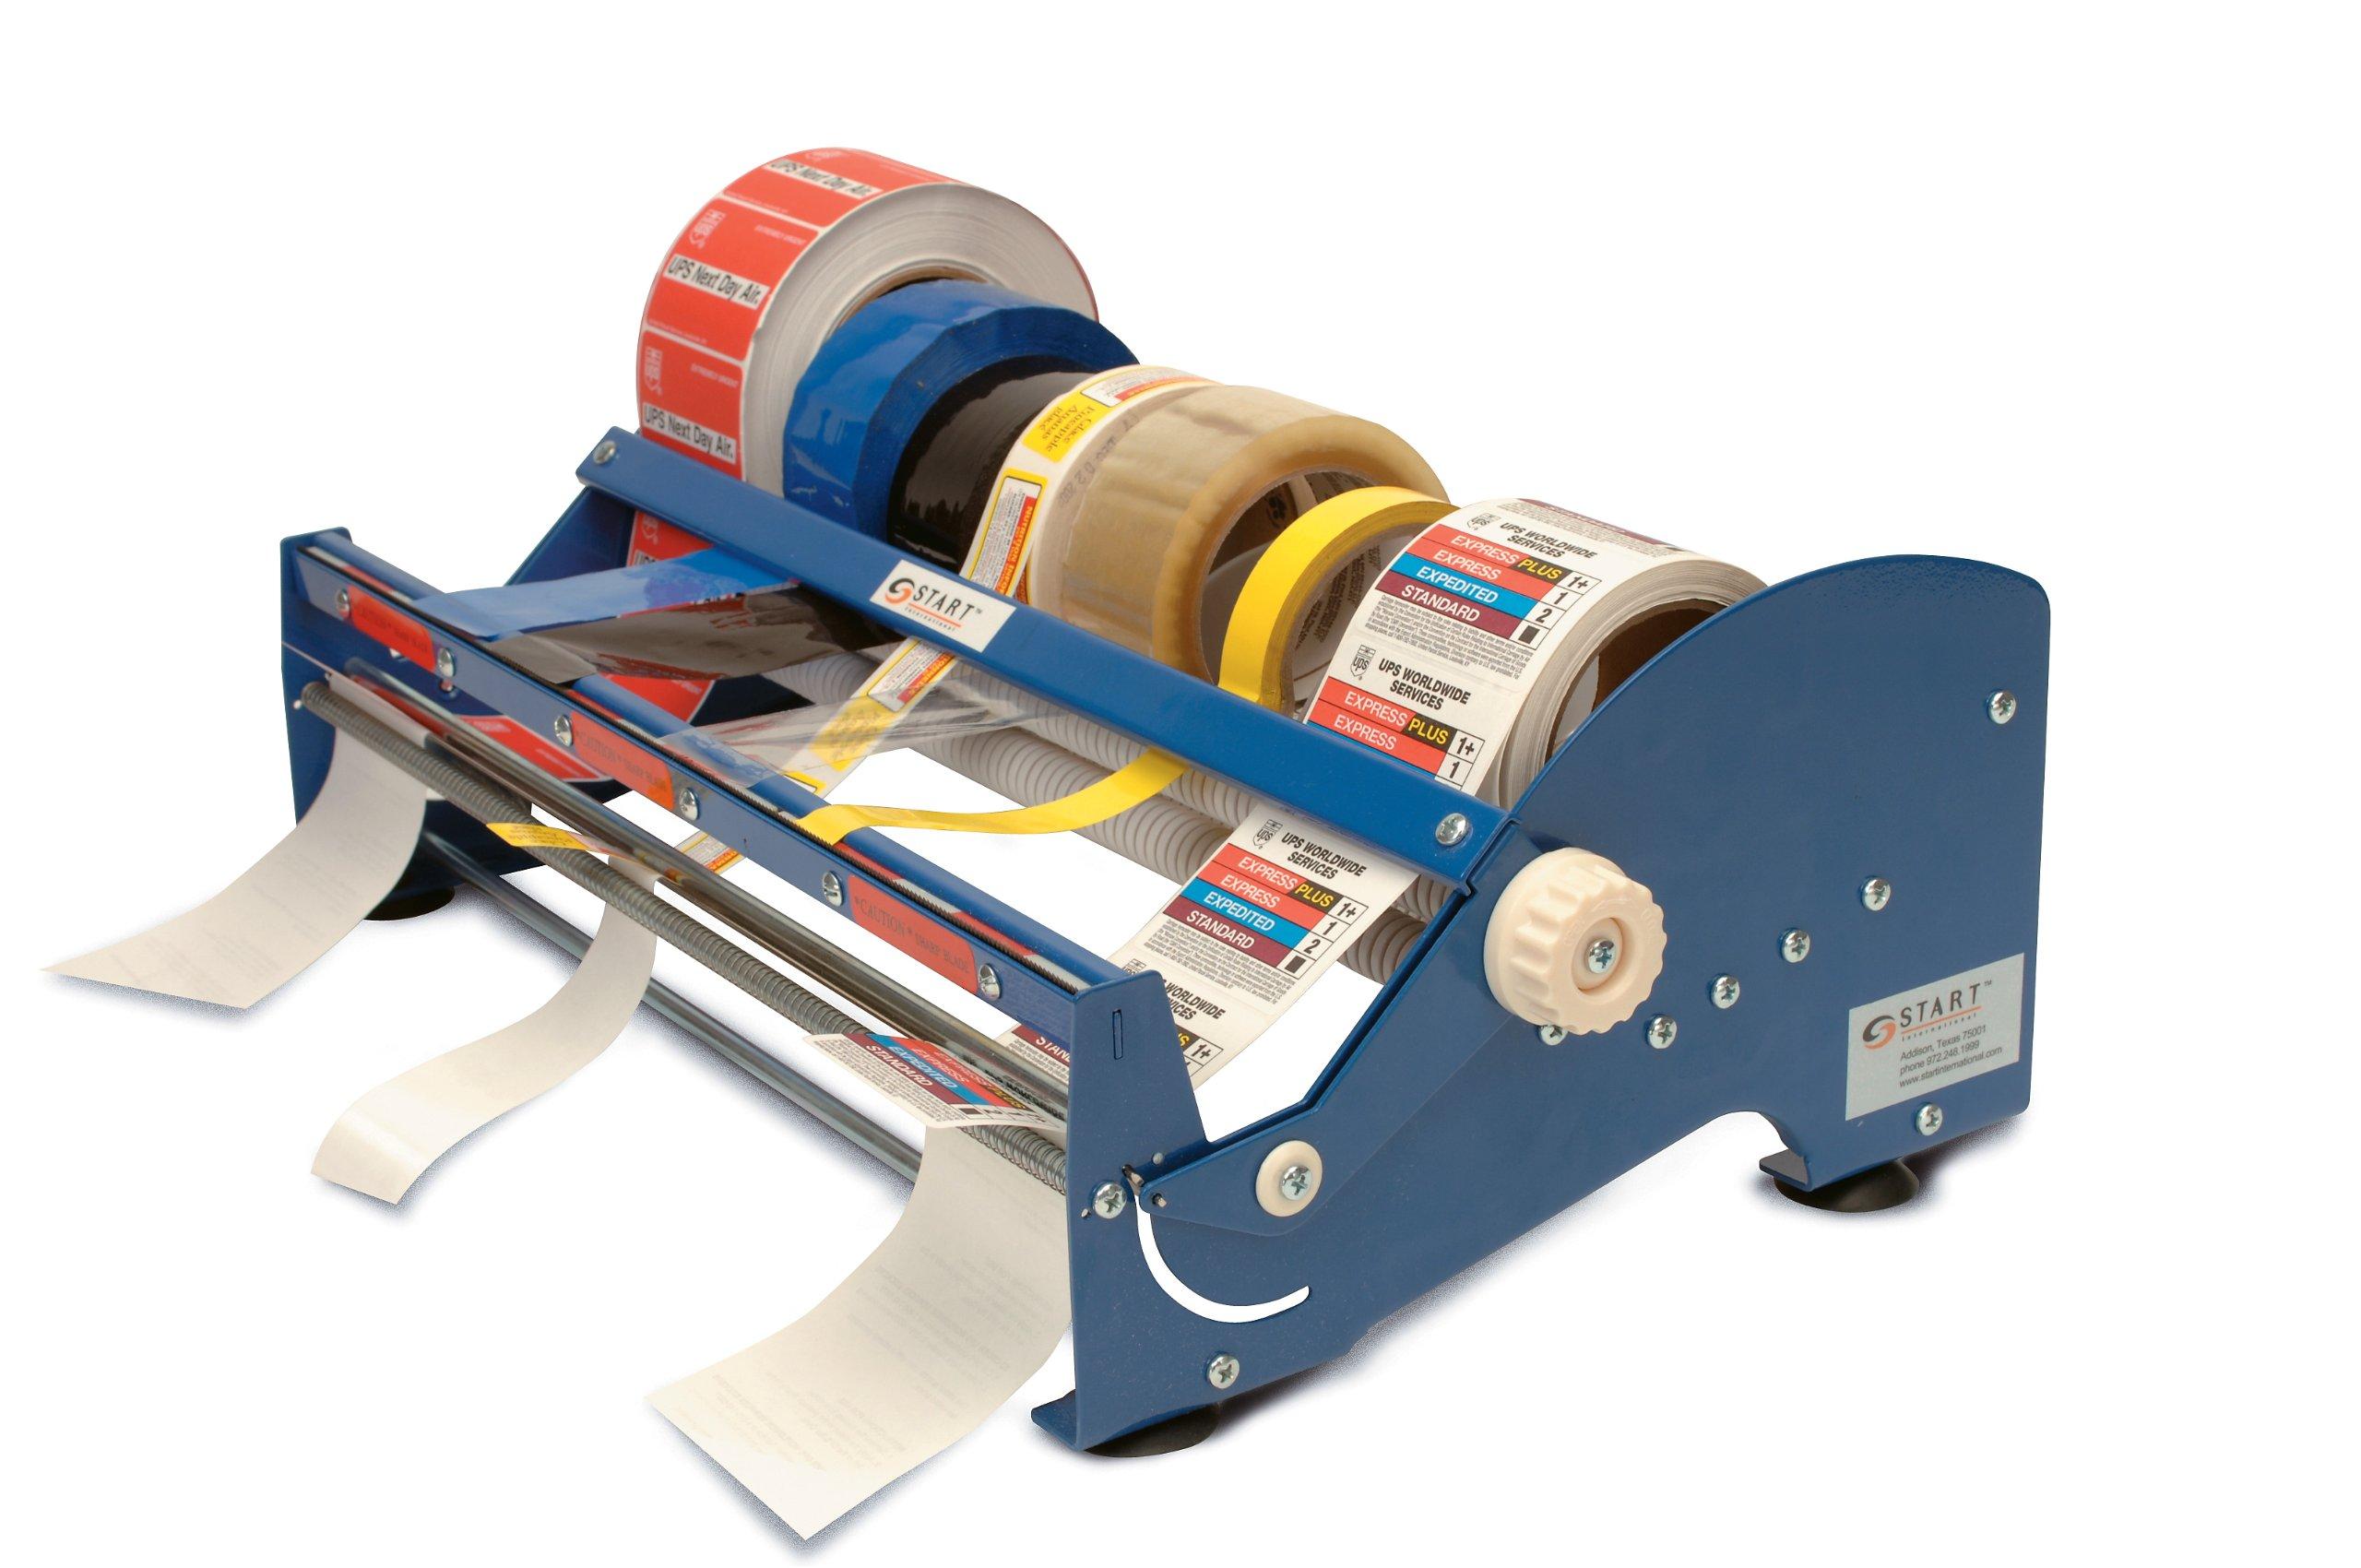 START International SL9518 Multi Roll Label and Tape Dispenser